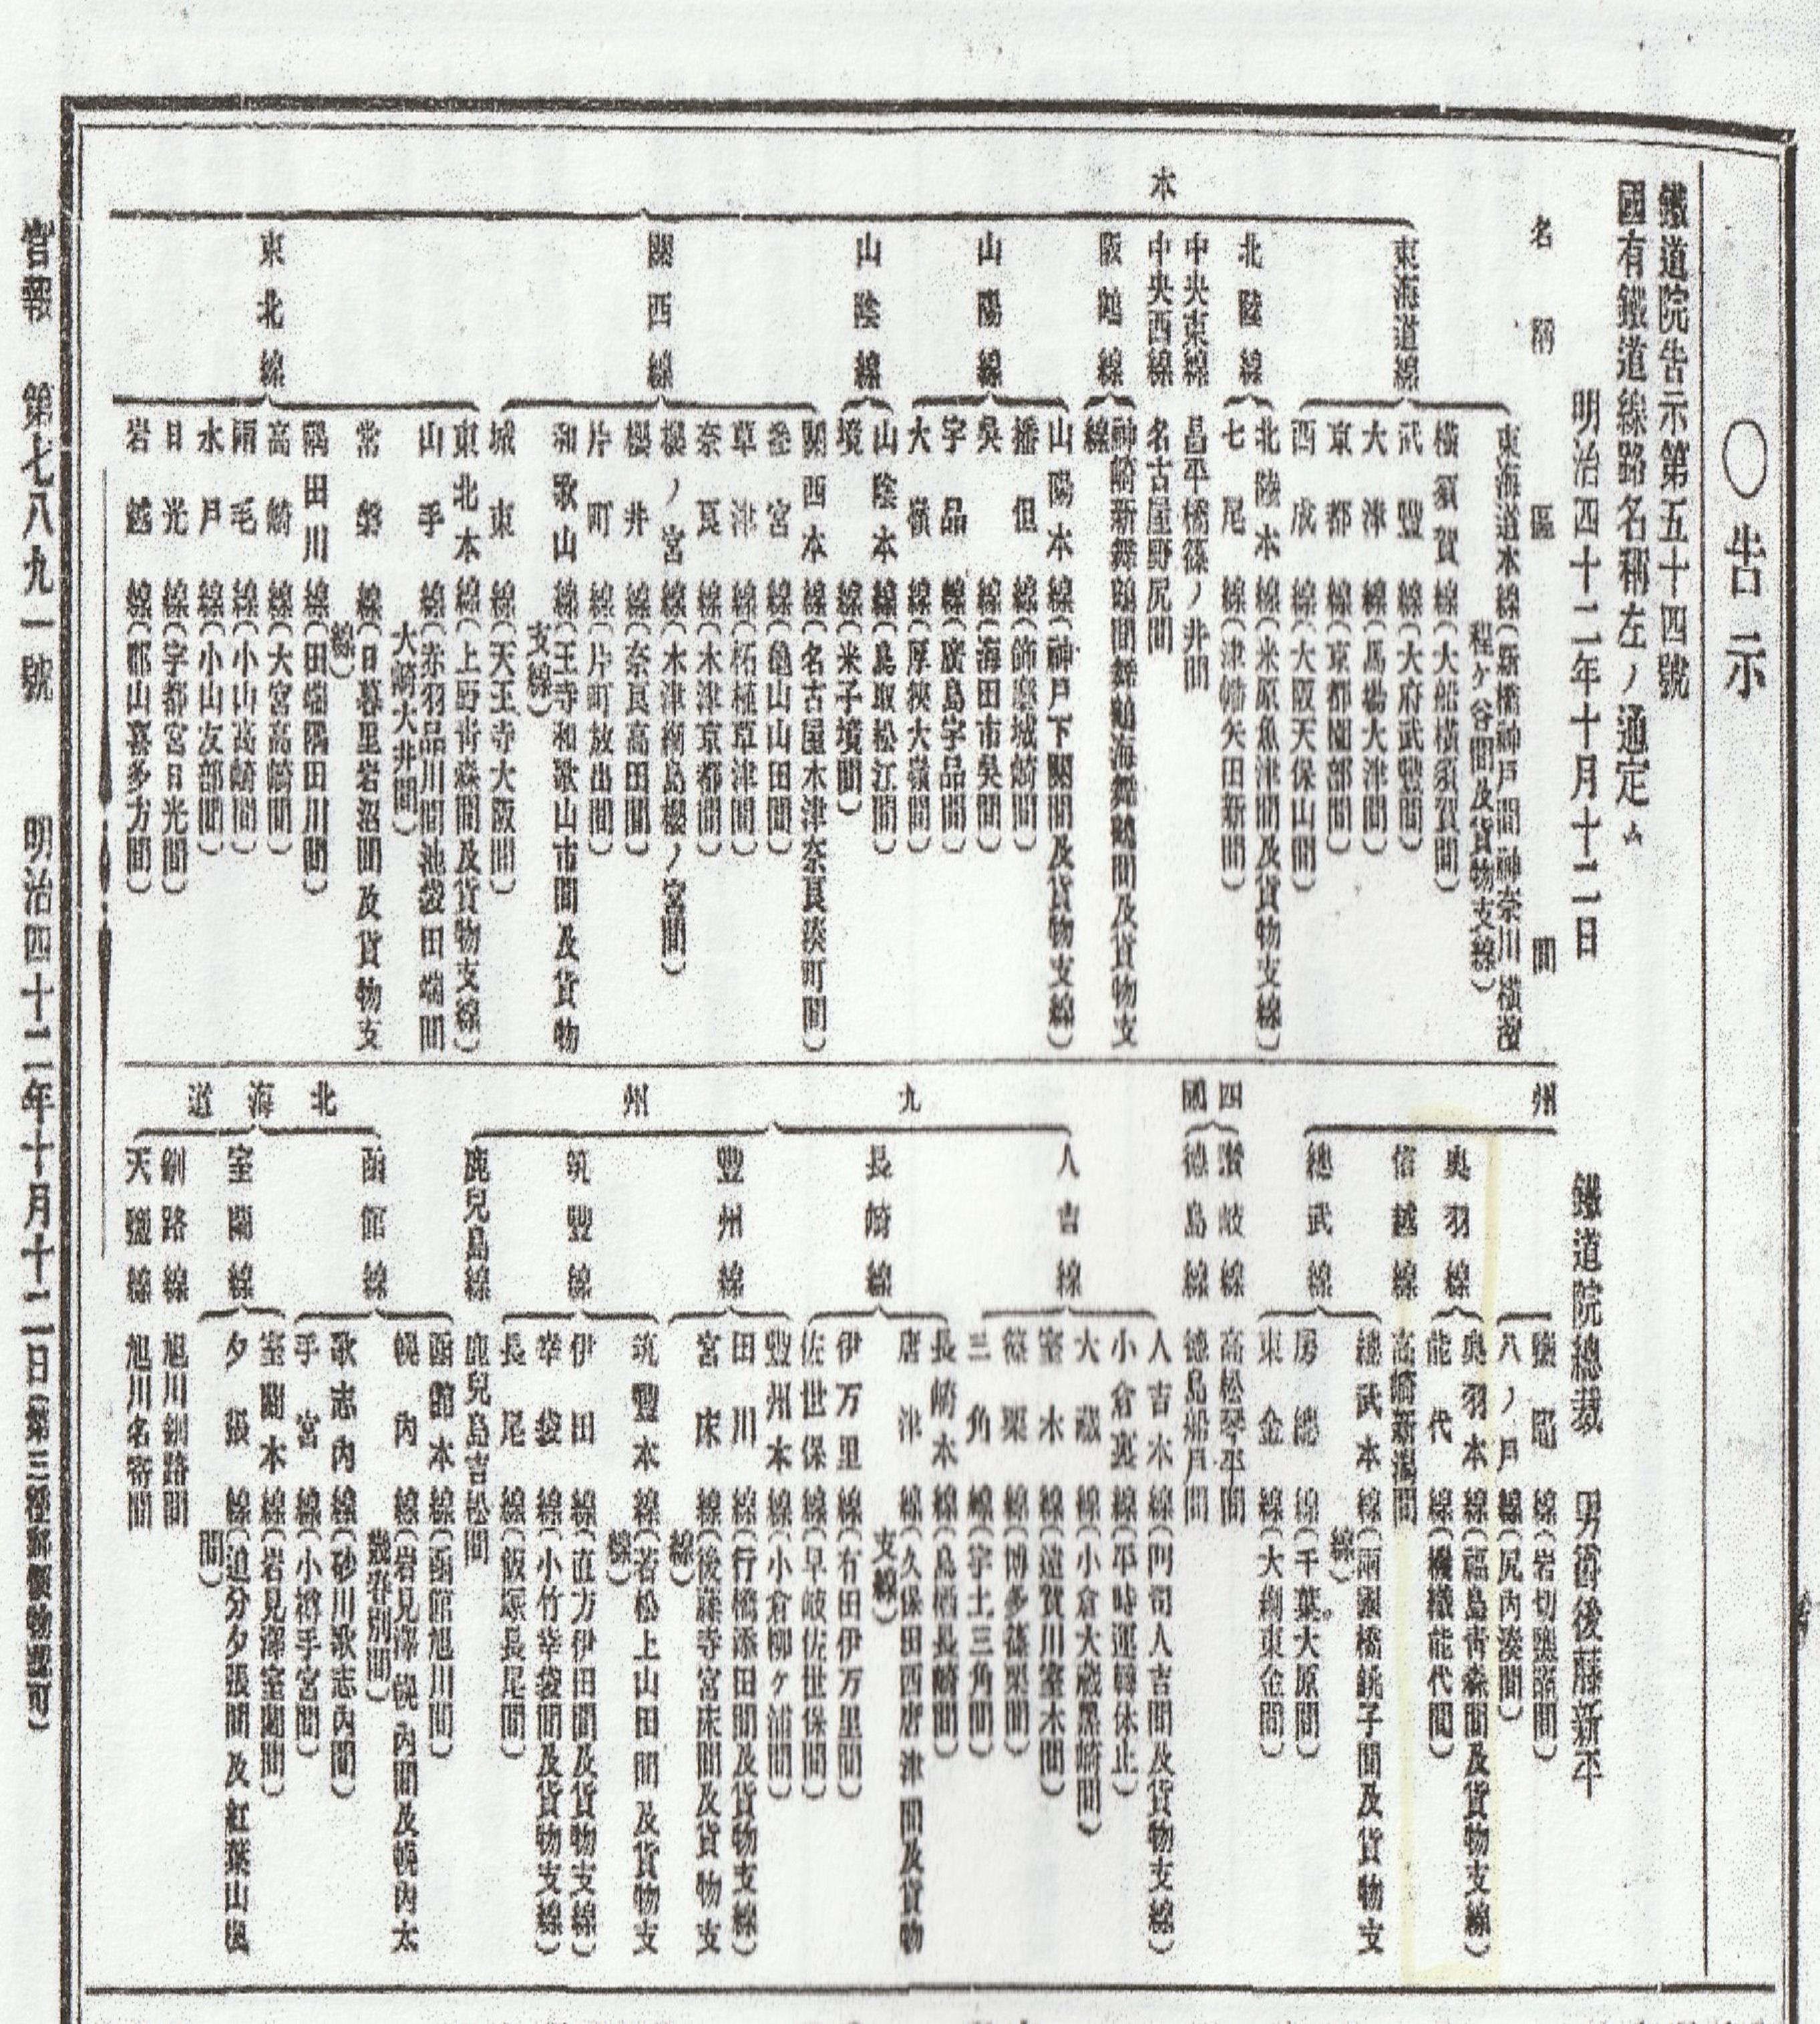 軽鉄長井線が告示に登場